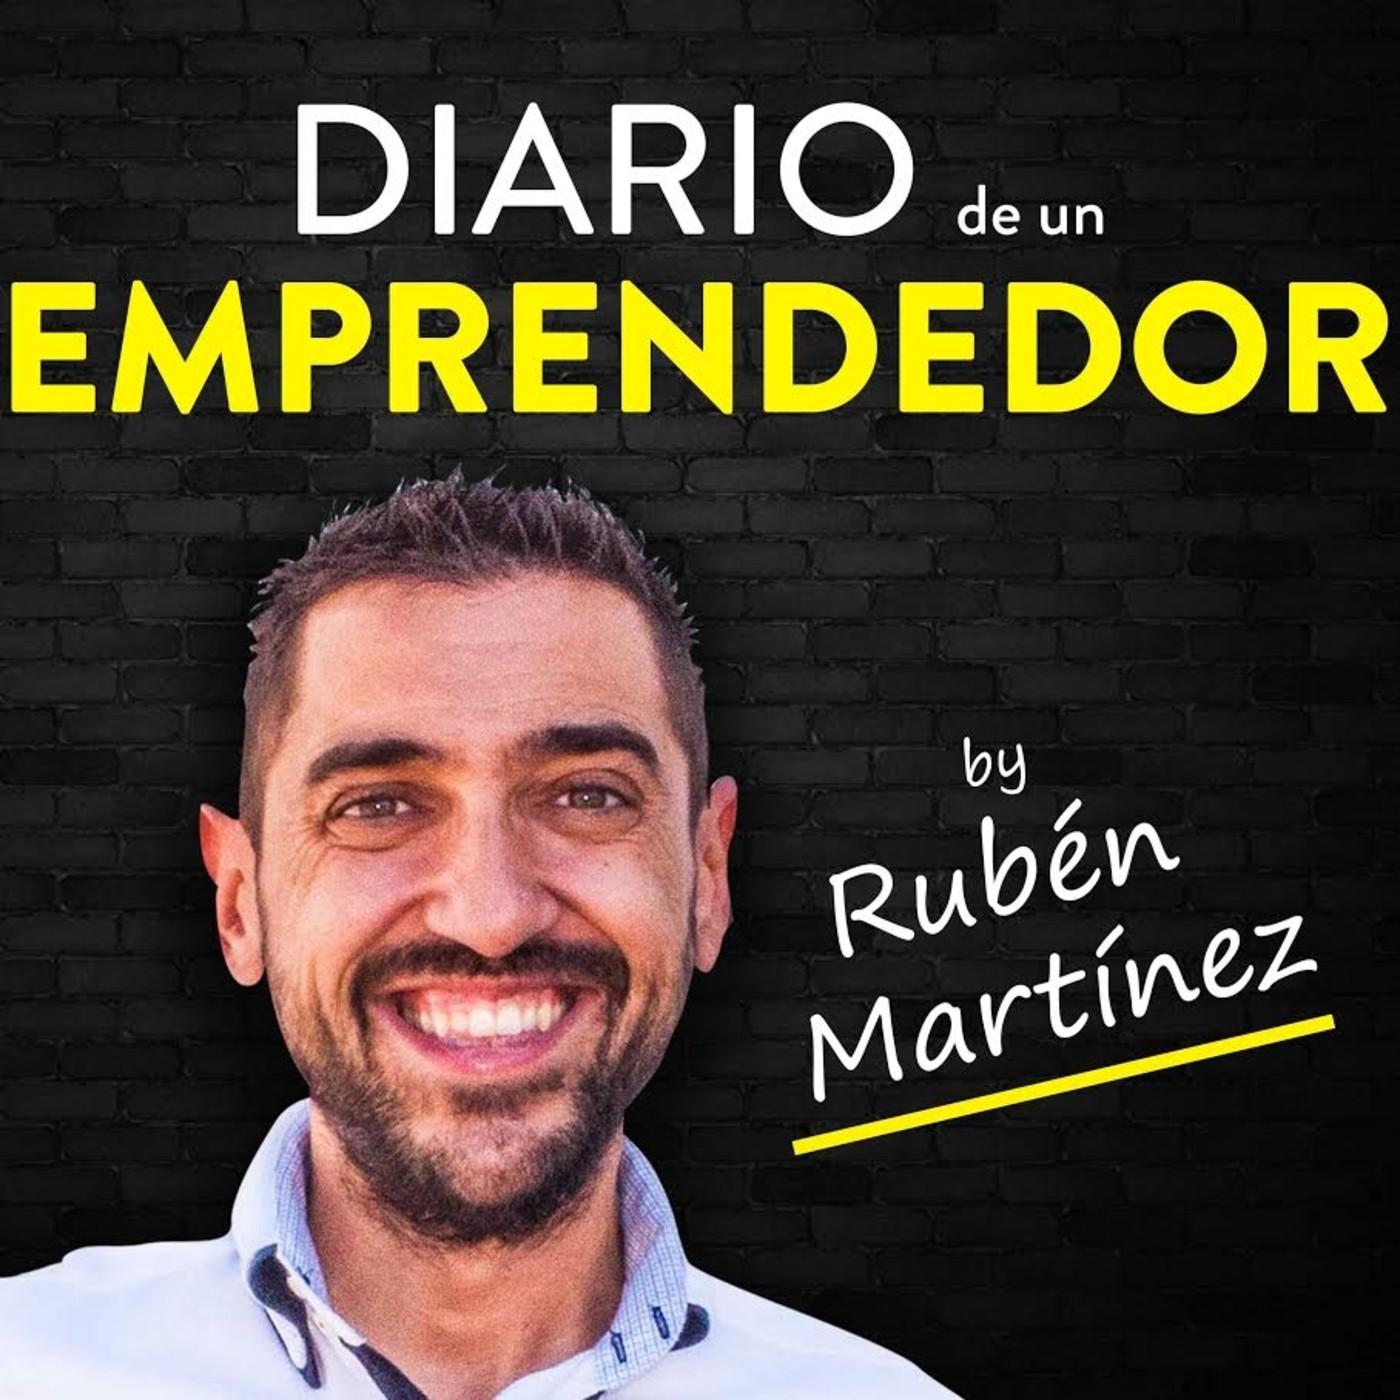 Diario de un Emprendedor by Ruben Martinez